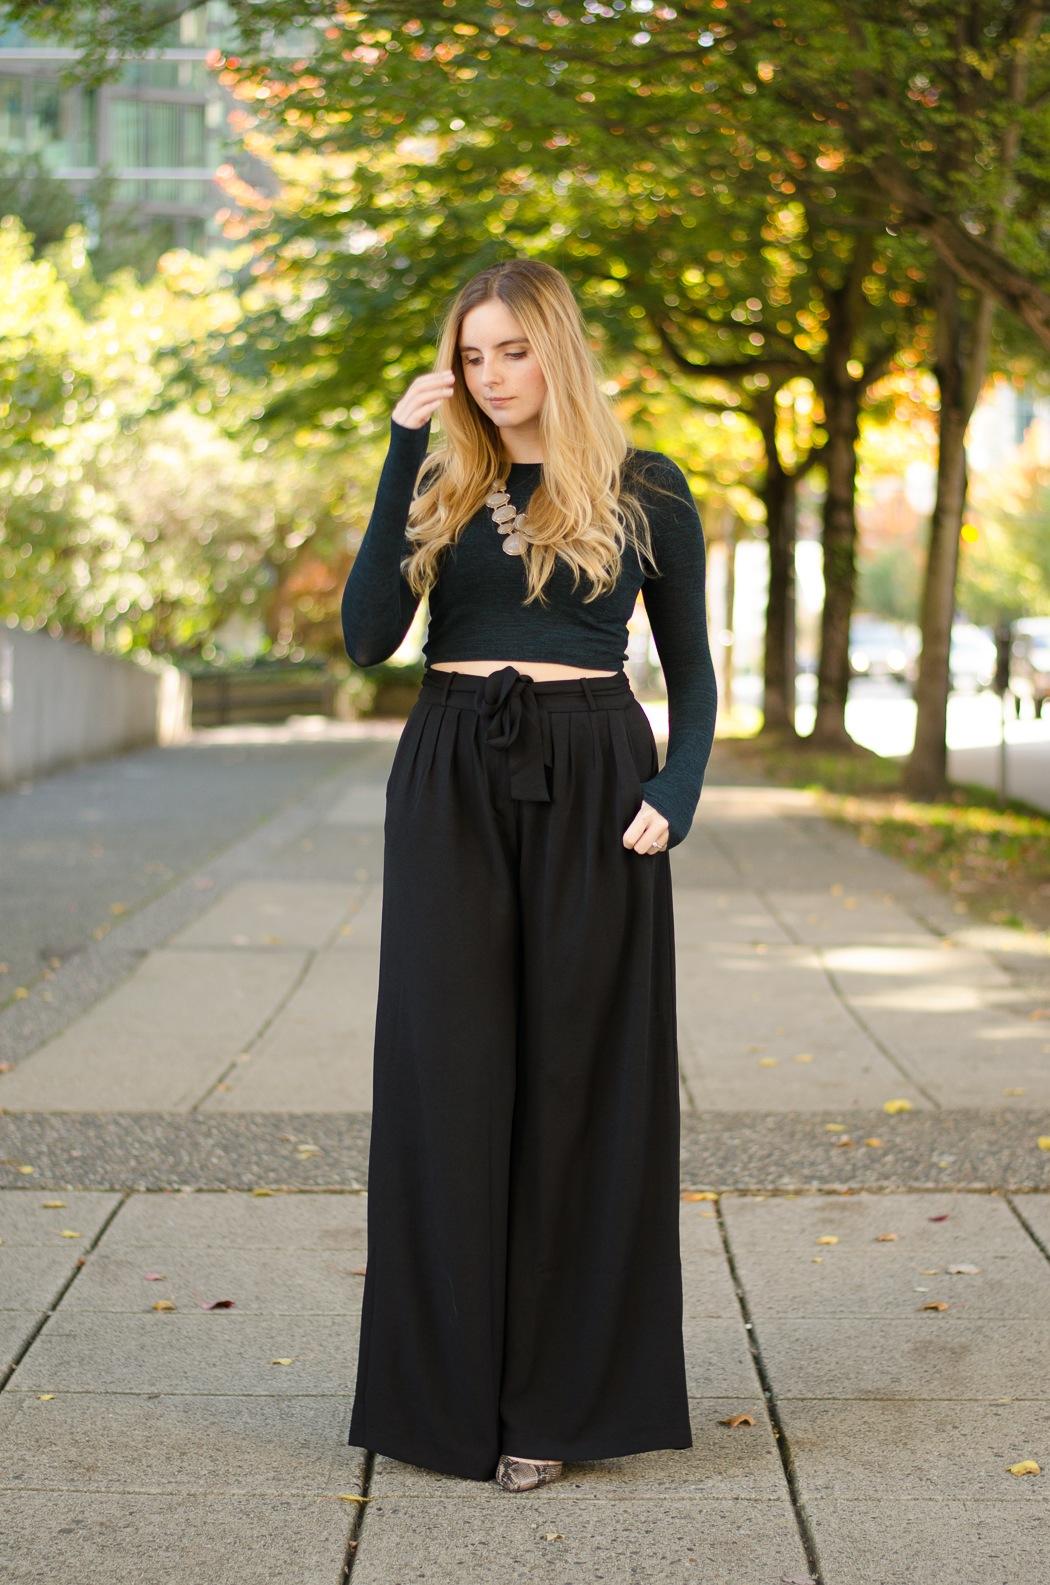 Clothing eve stylish